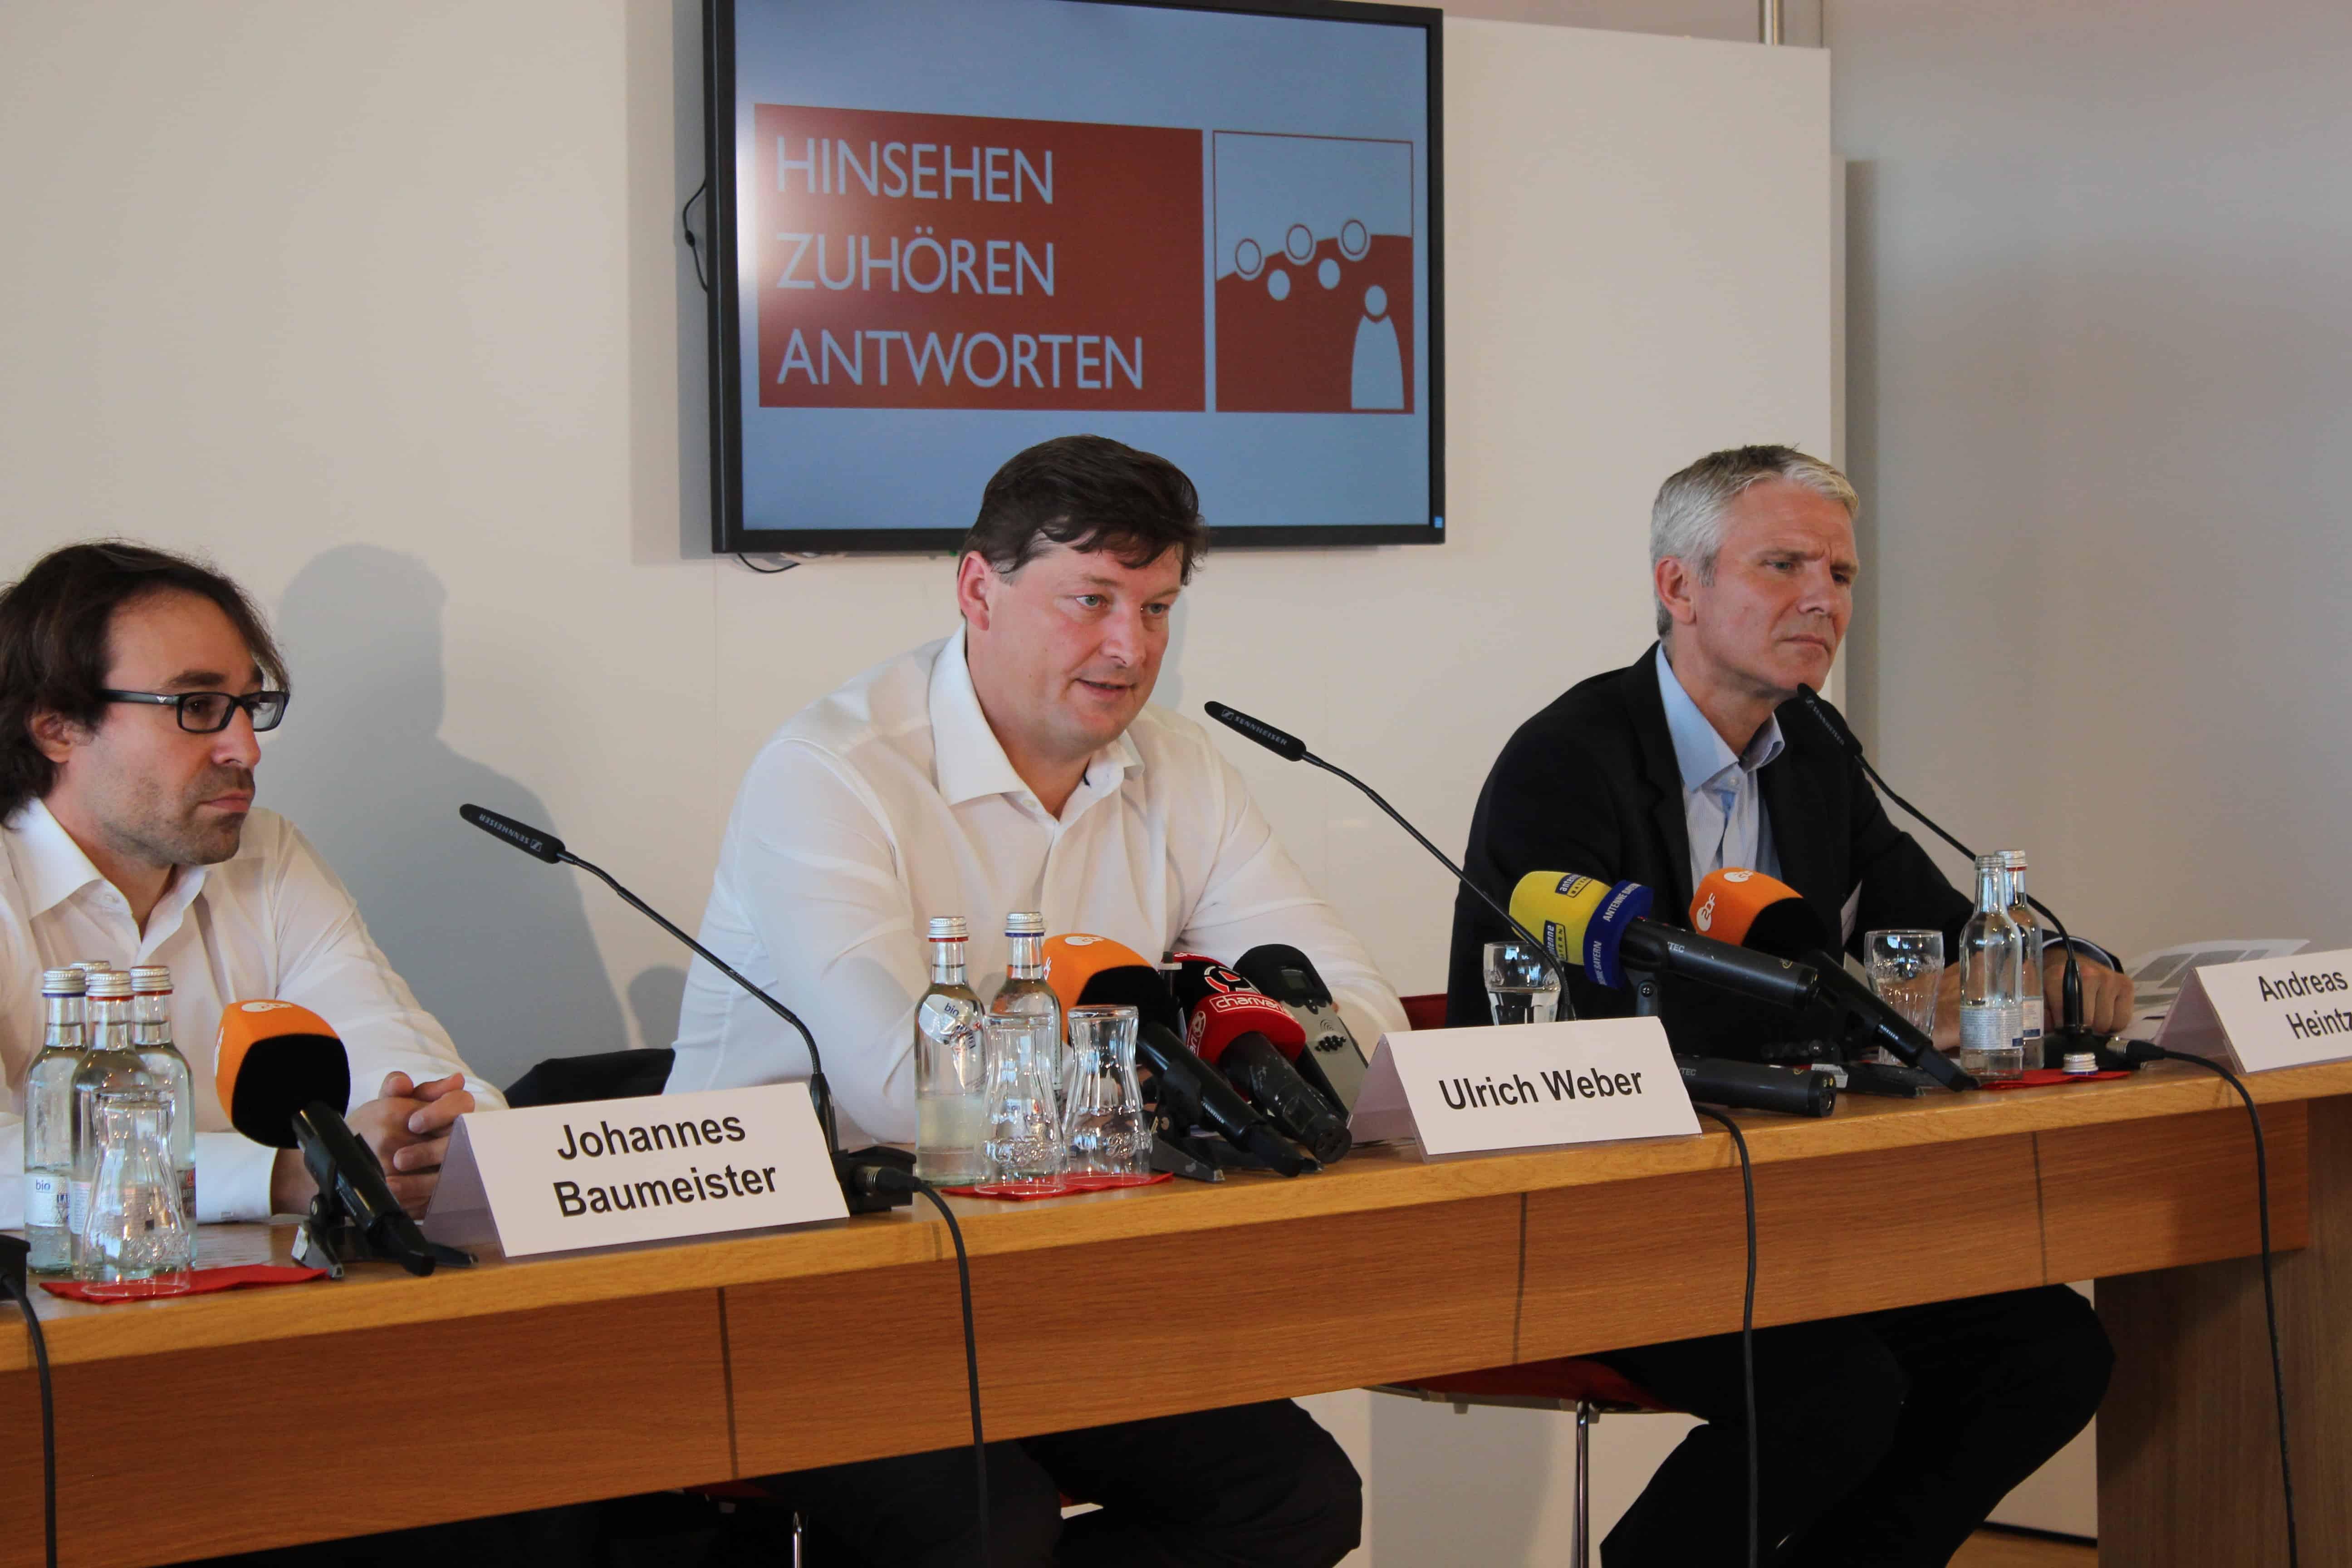 Abschlussbericht zu Übergriffen bei den Regensburger Domspatzen vorgestellt